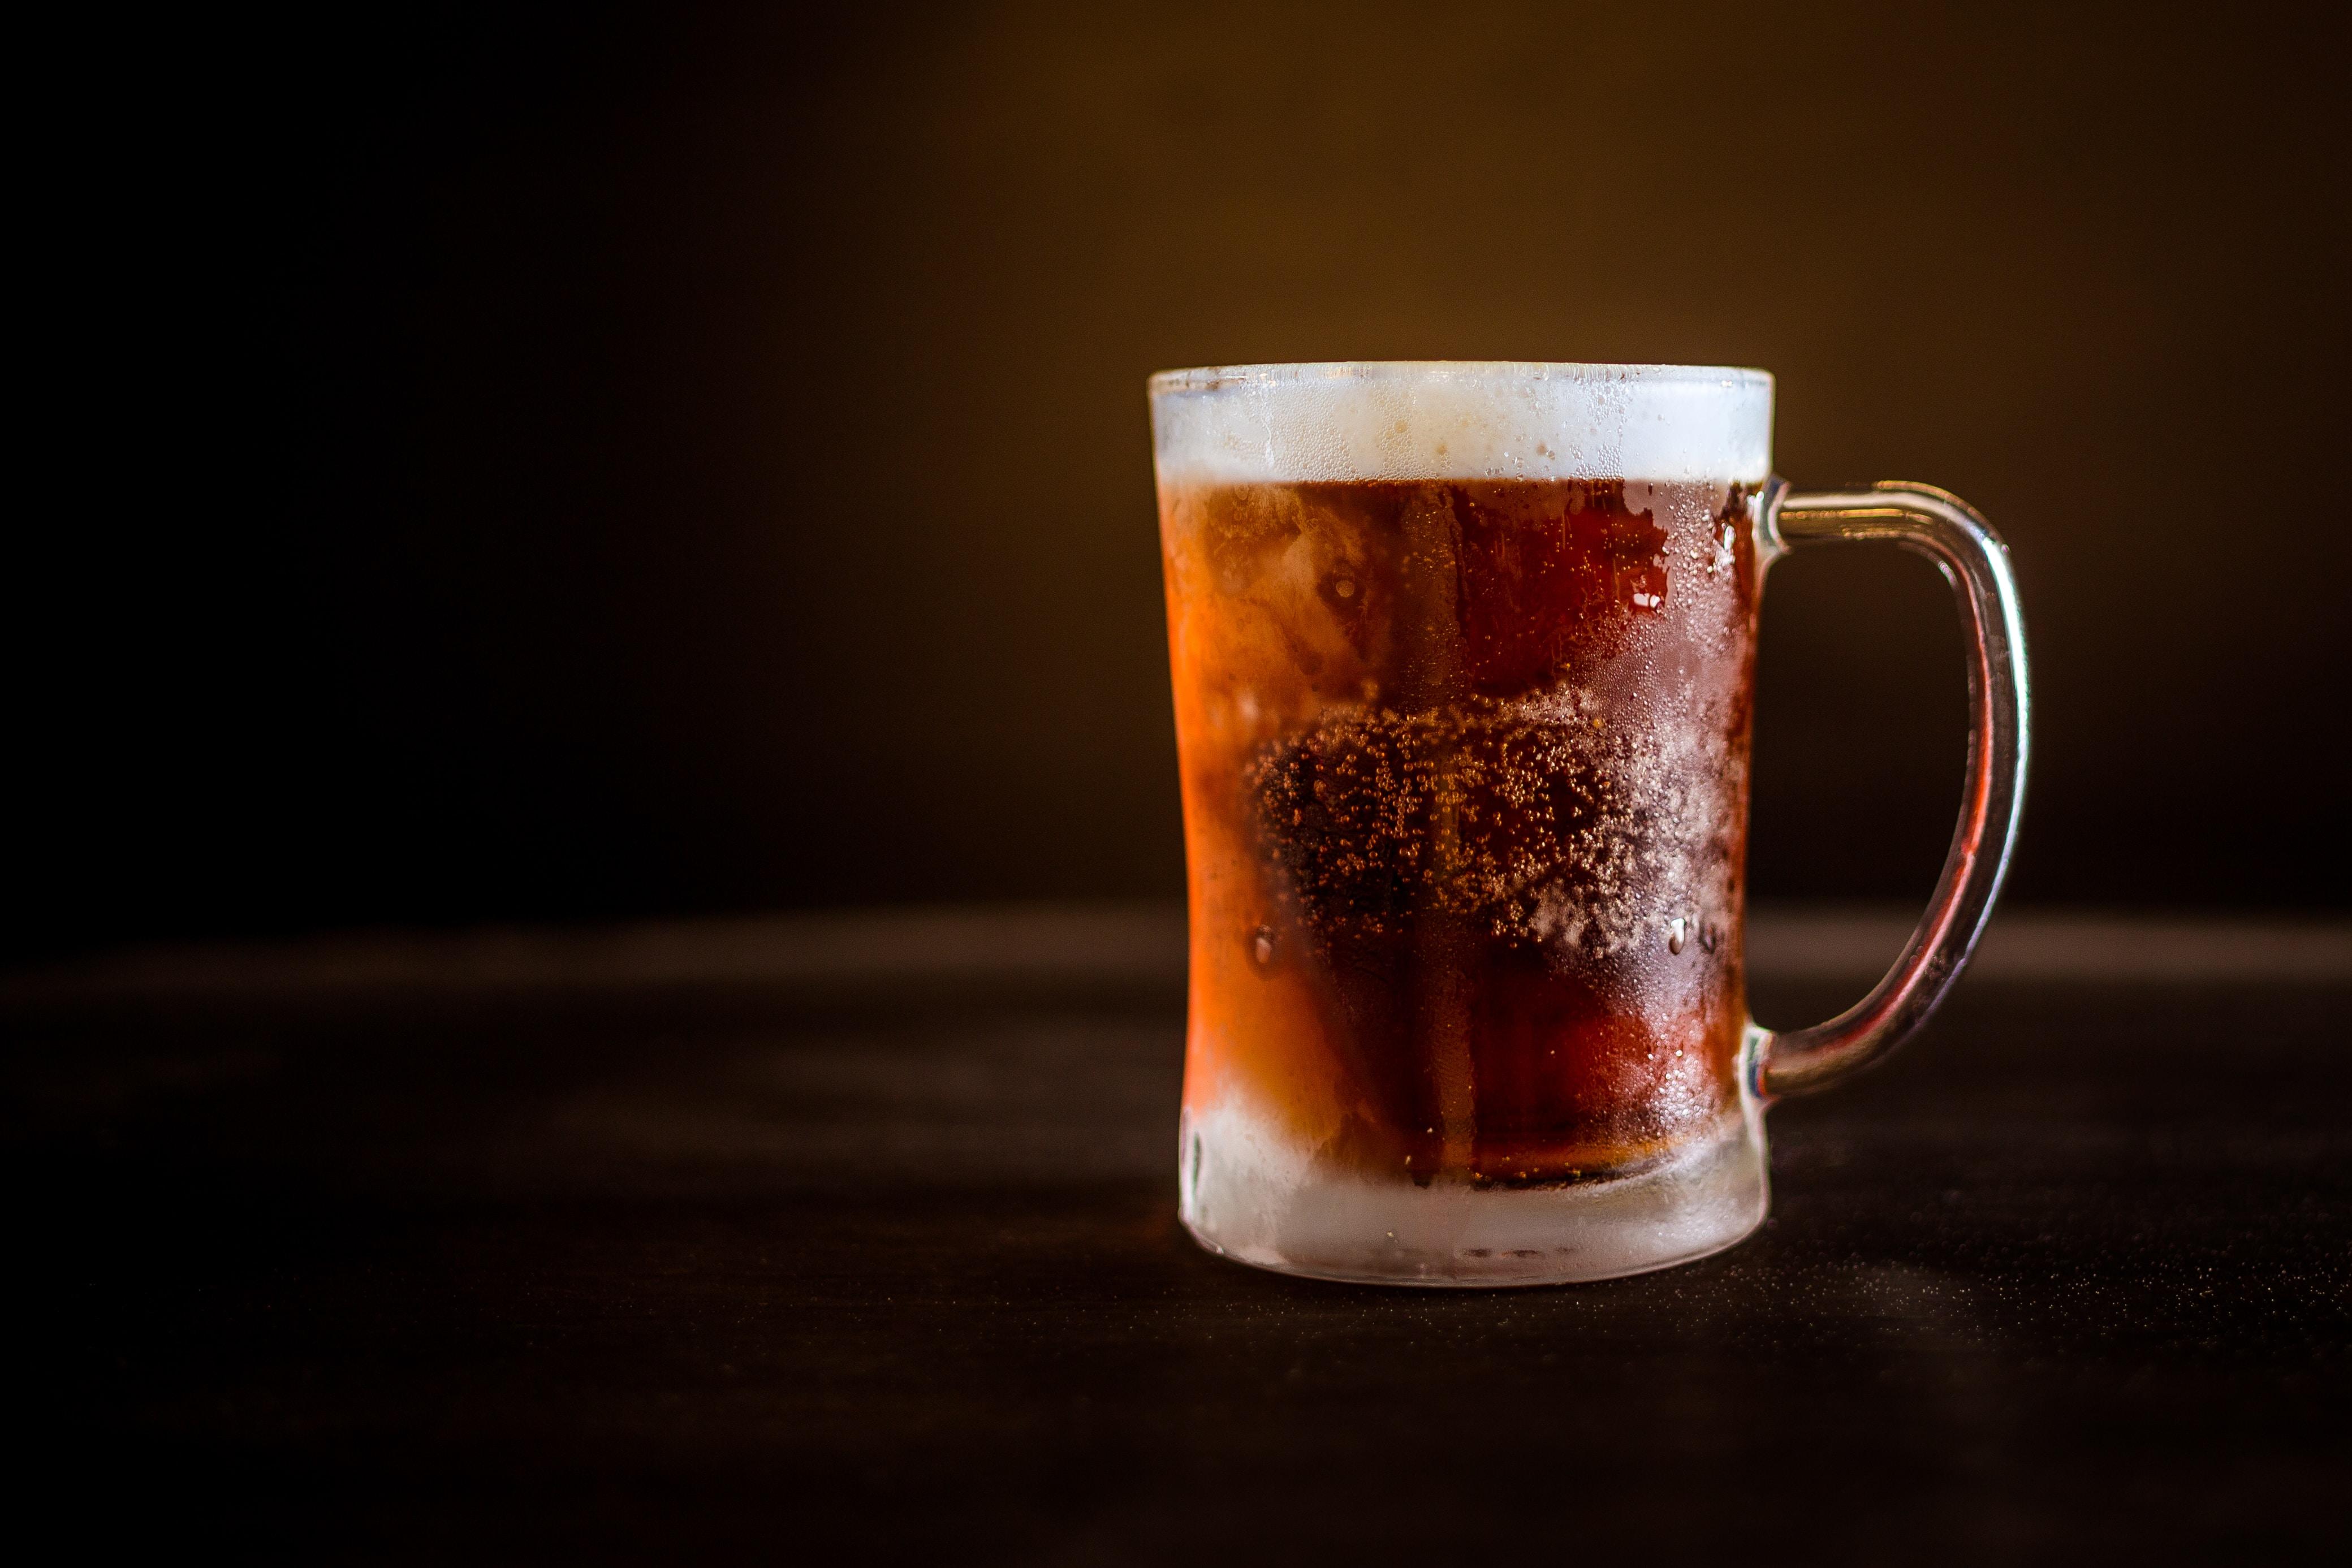 A nice cold glass mug of beer.